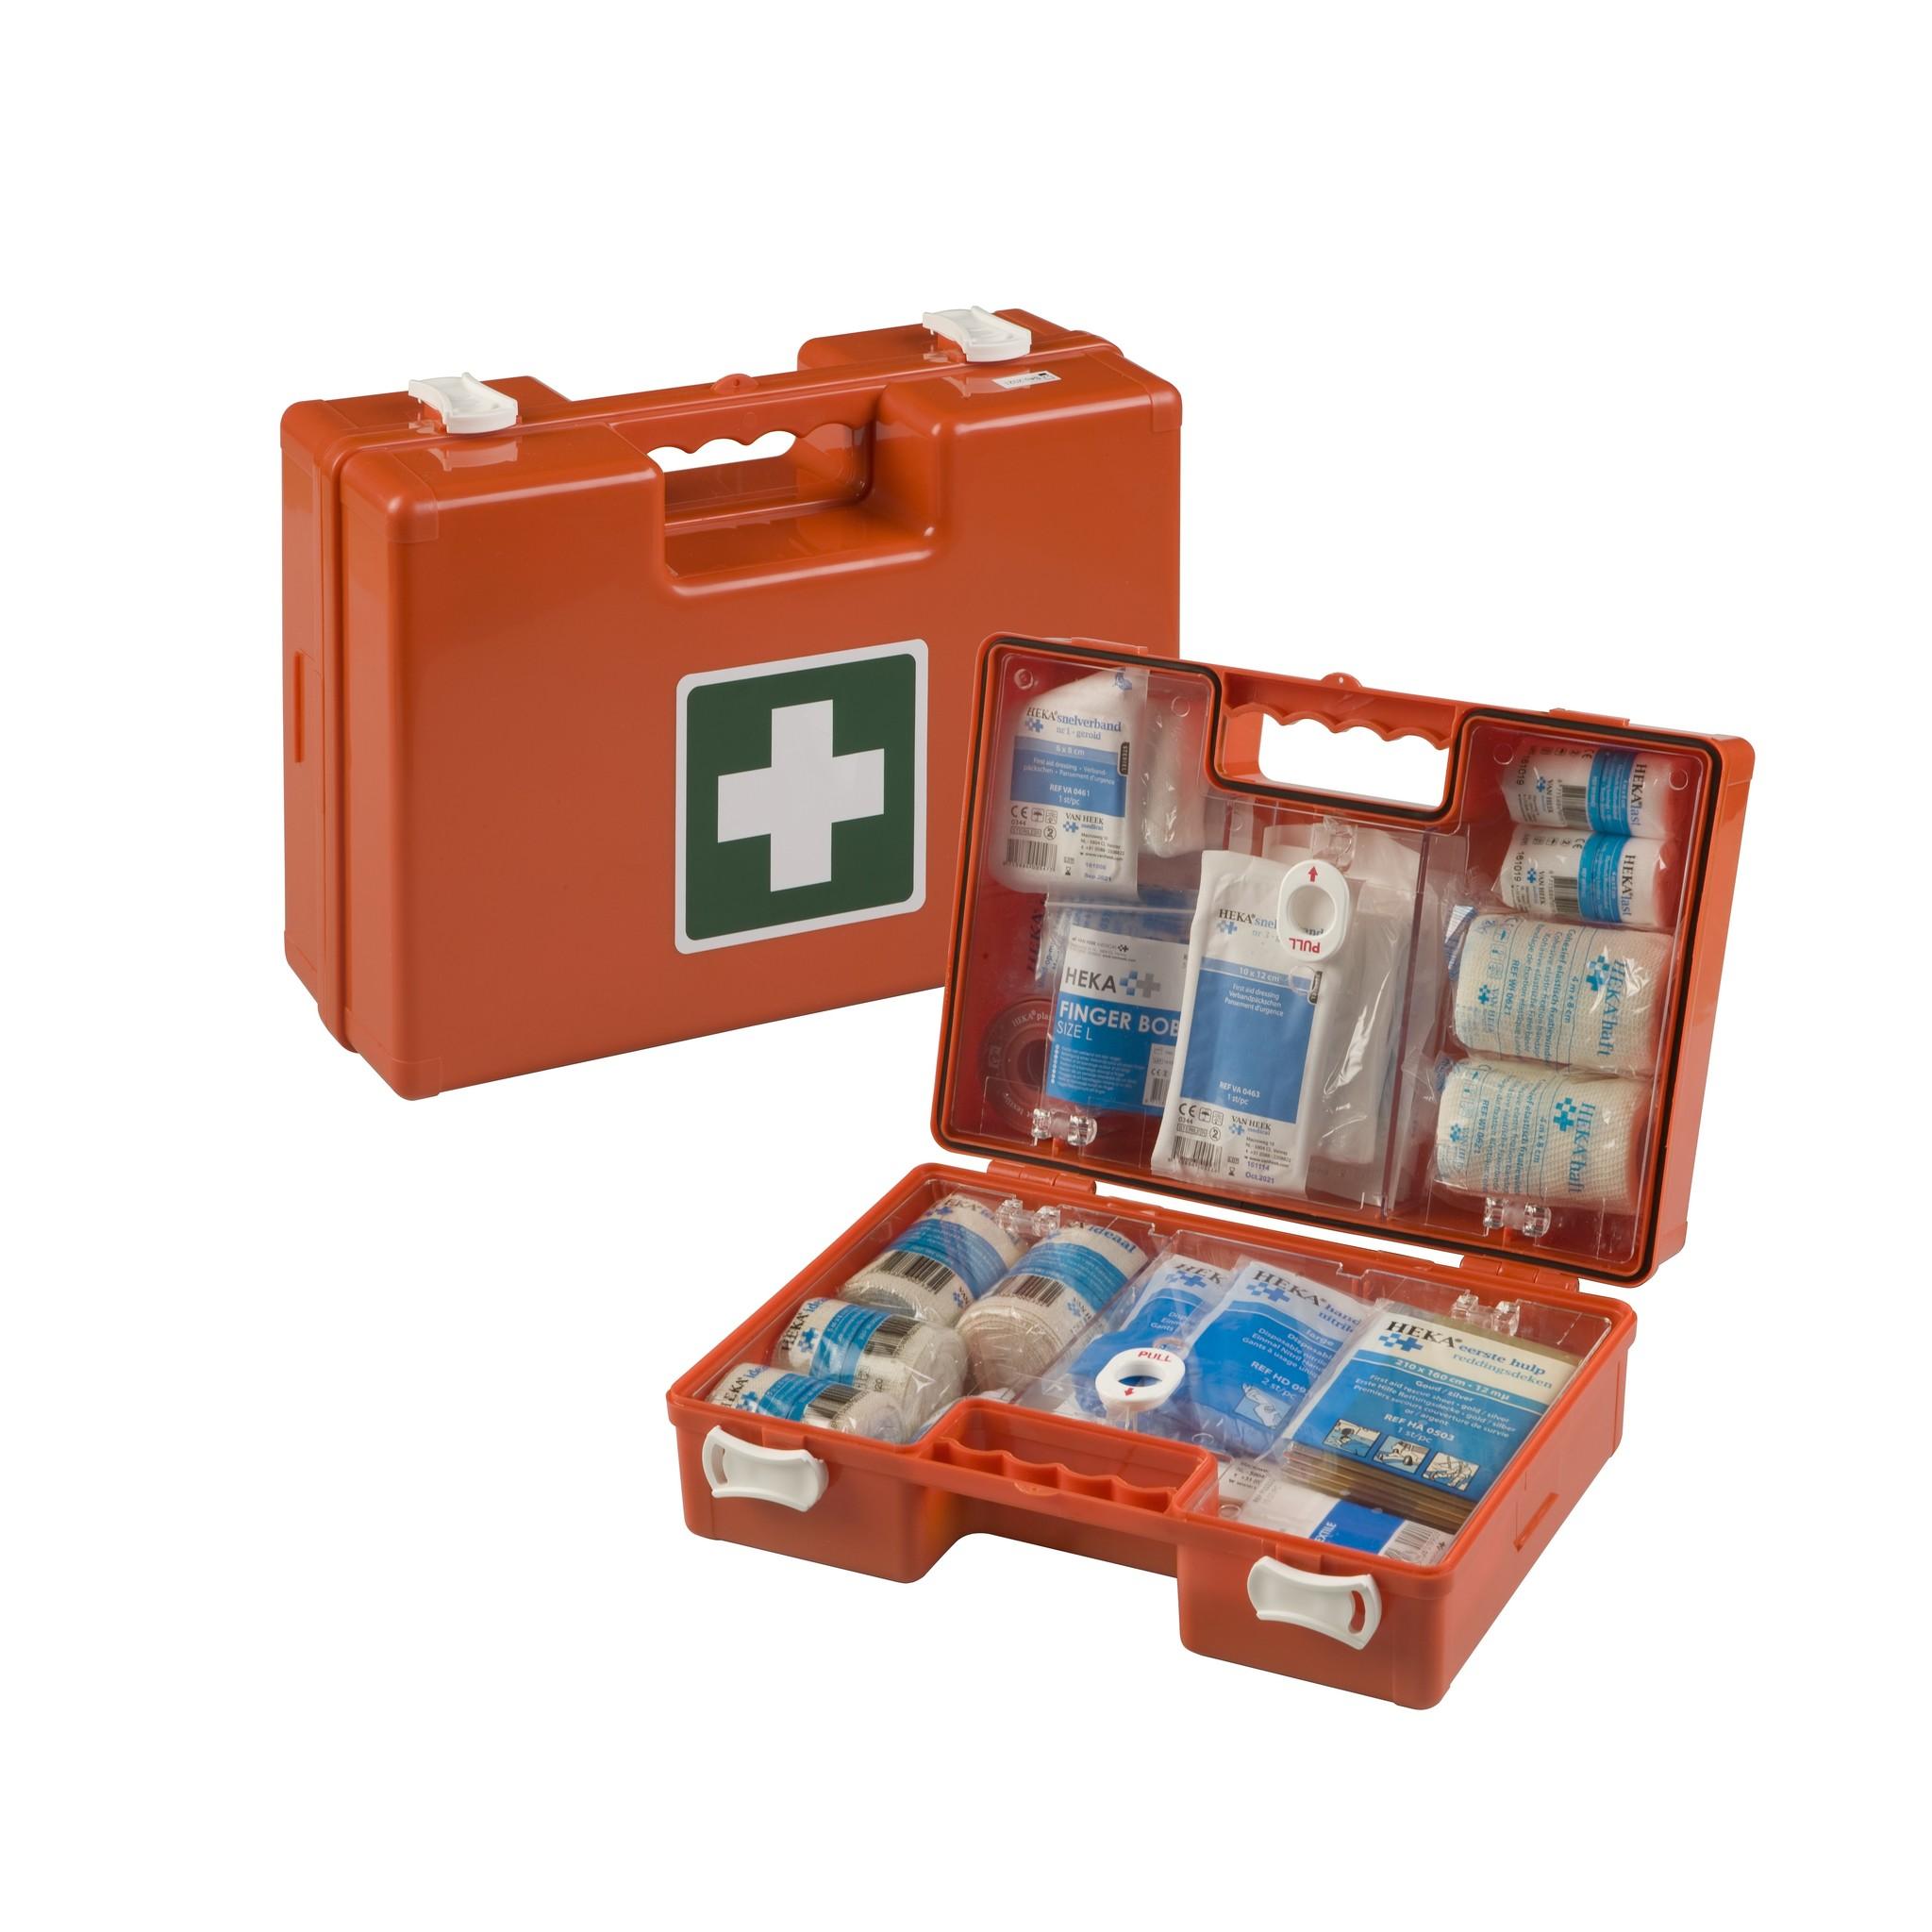 van Heek HEKA Erste Hilfe Notfallkoffer Medimulti BHV 2016